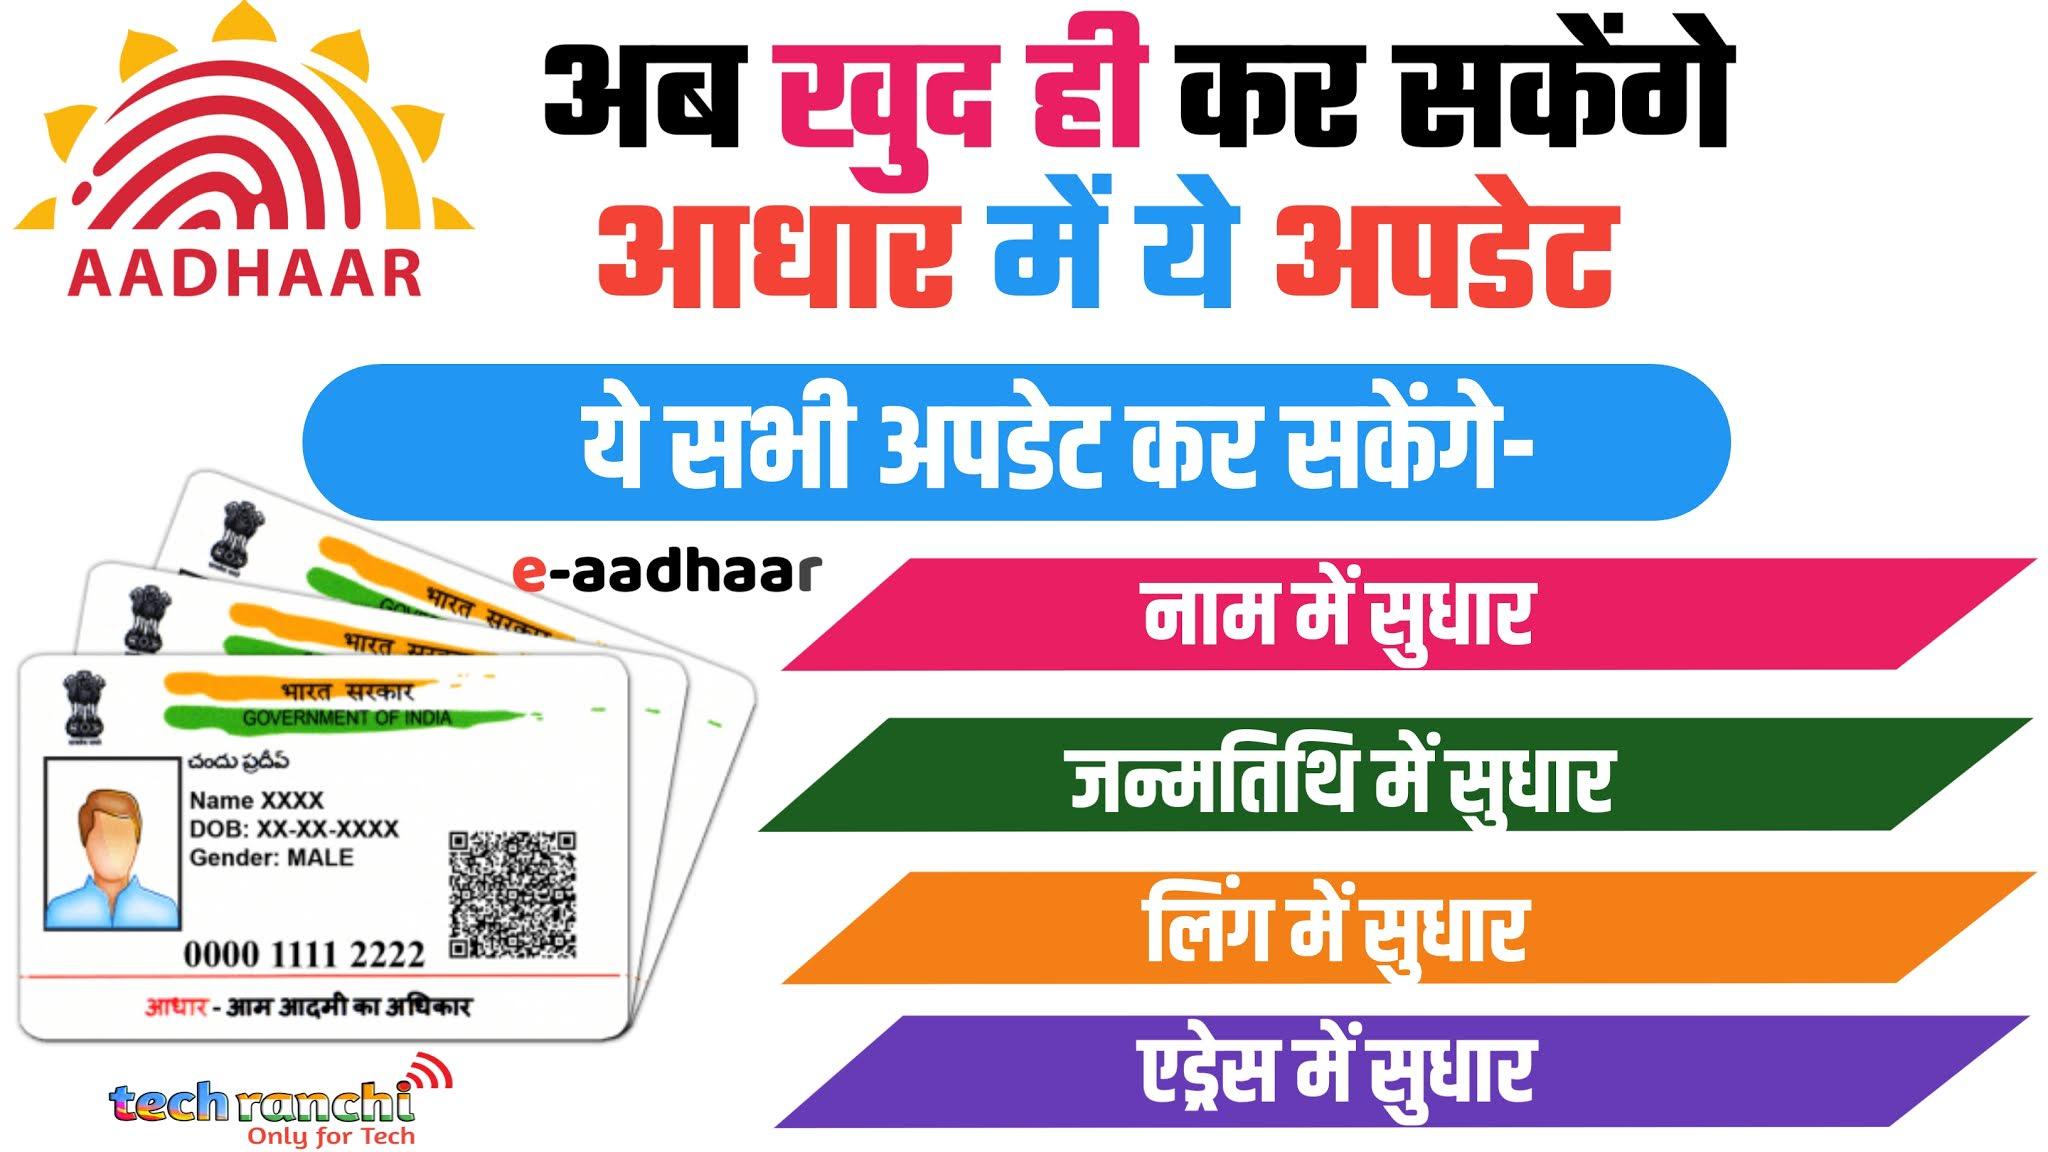 Online Aadhaar Card Update Kaise Kare,Online Aadhaar Card Update Kaise Kare | Online Aadhaar Card Me Address Update Kaise Kare | Aadhaar Update